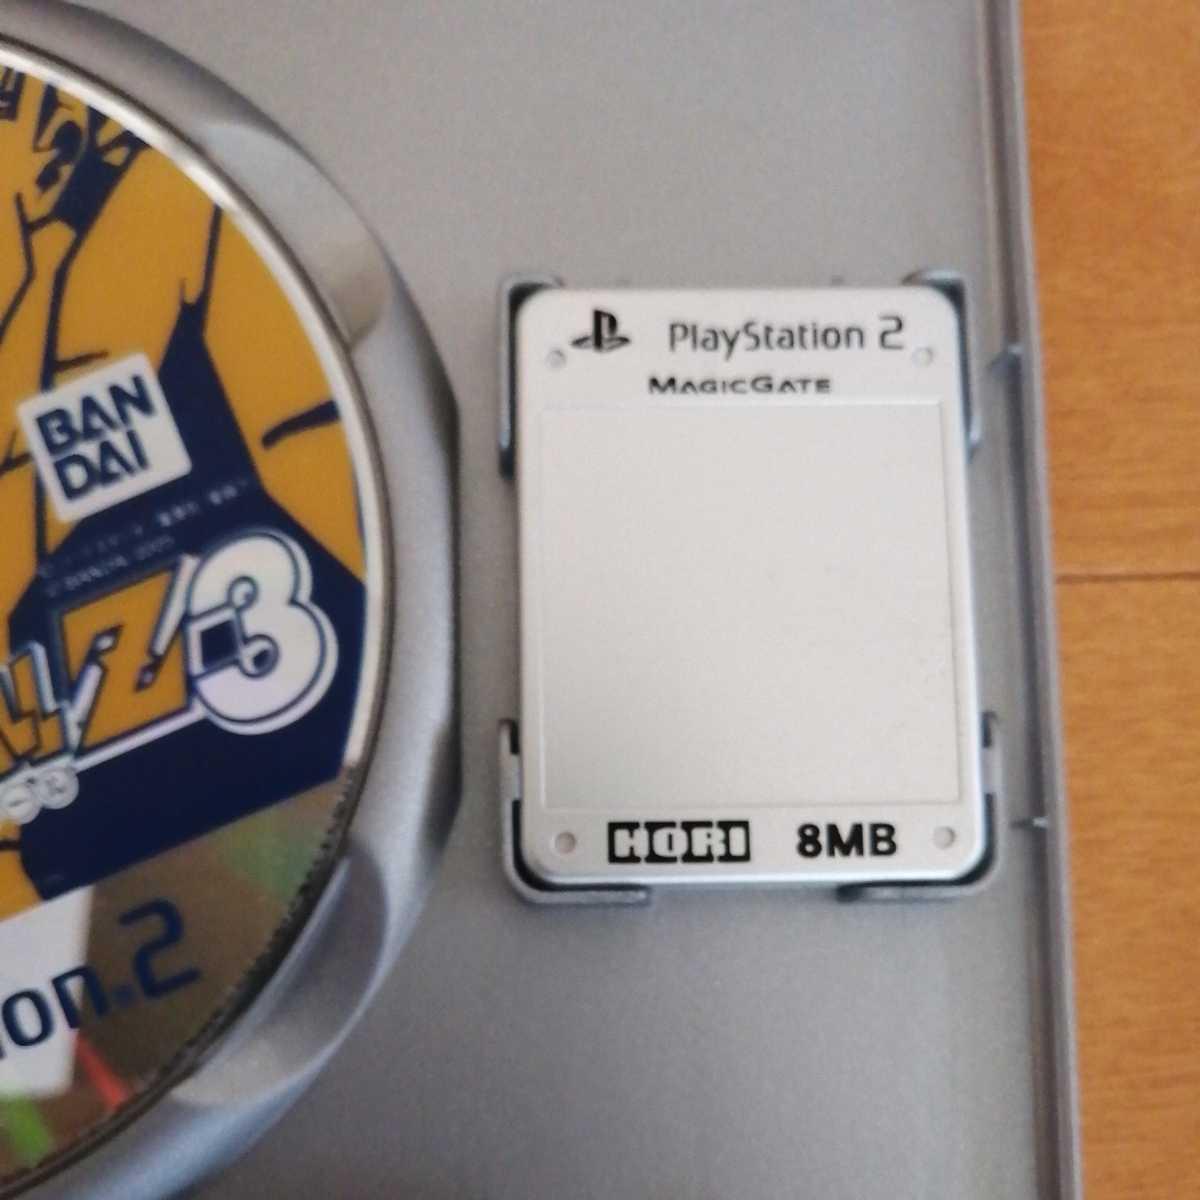 美品 SONY すぐ遊べる PS2(SCPH-55000GT) PlayStation2 白 ホワイト メモリーカード.説明書付 ホコリフィルター 動作確認済 ドラゴンボール_画像8